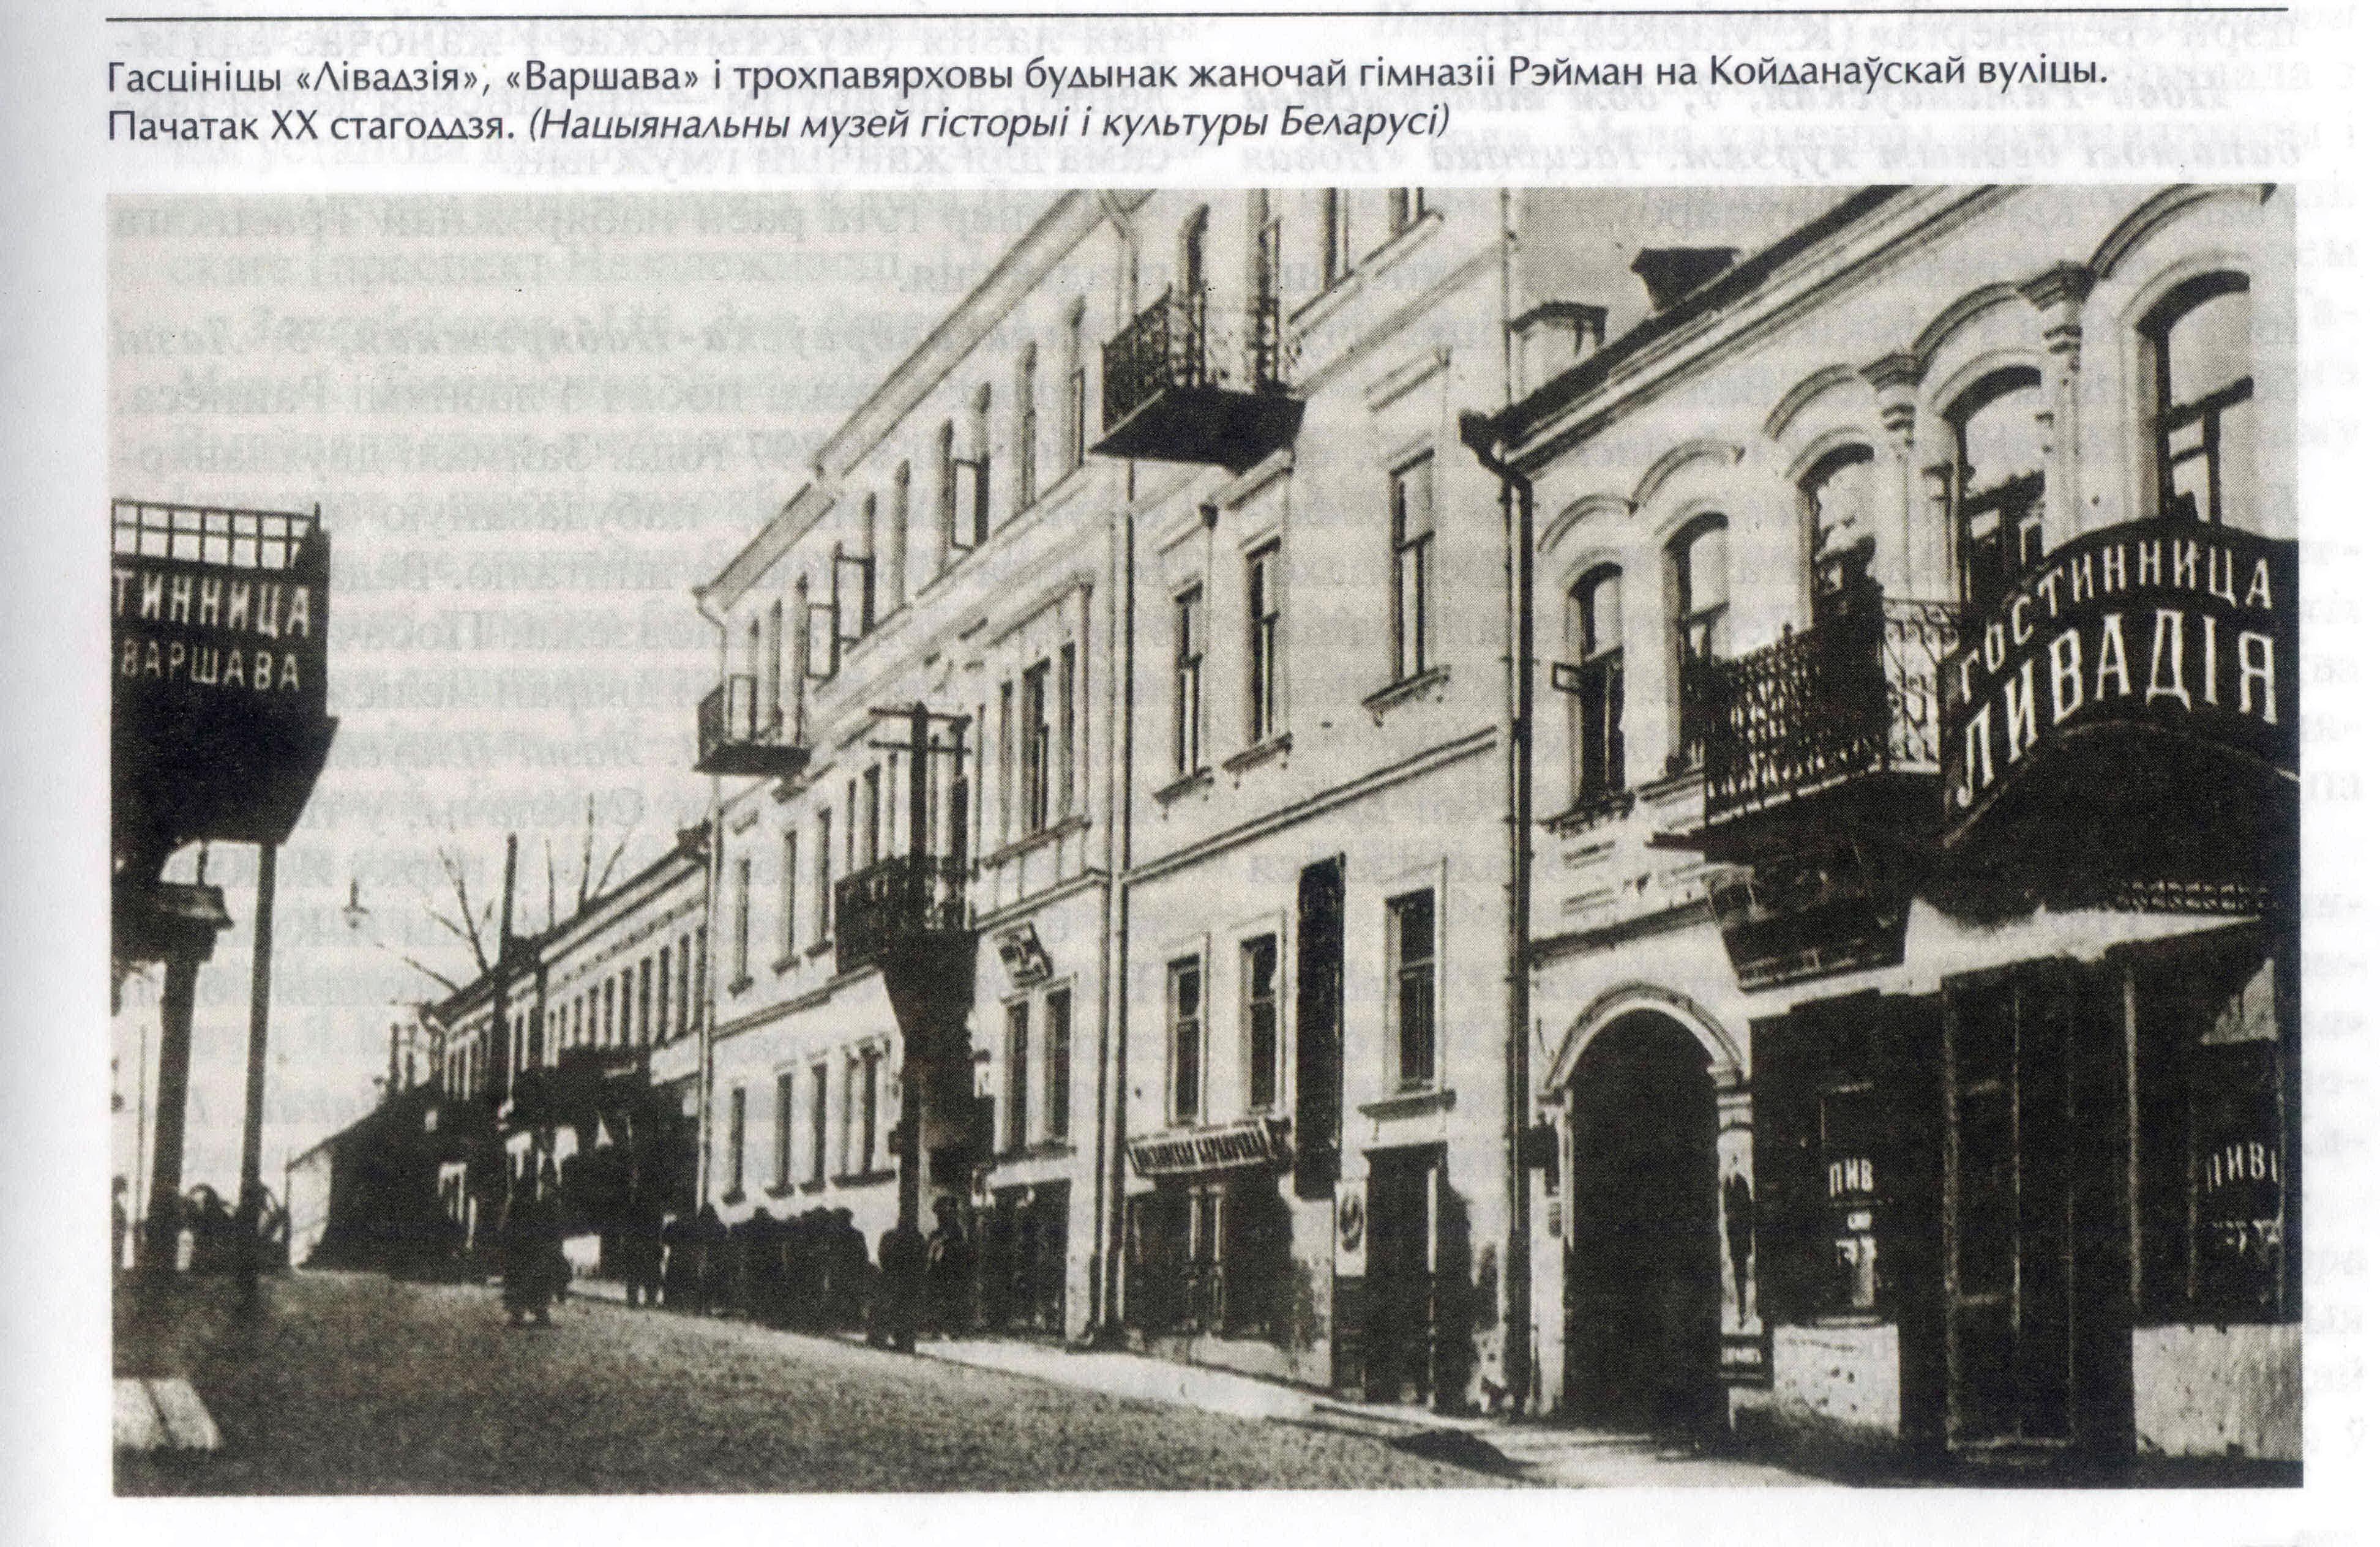 Livadia i Varsava